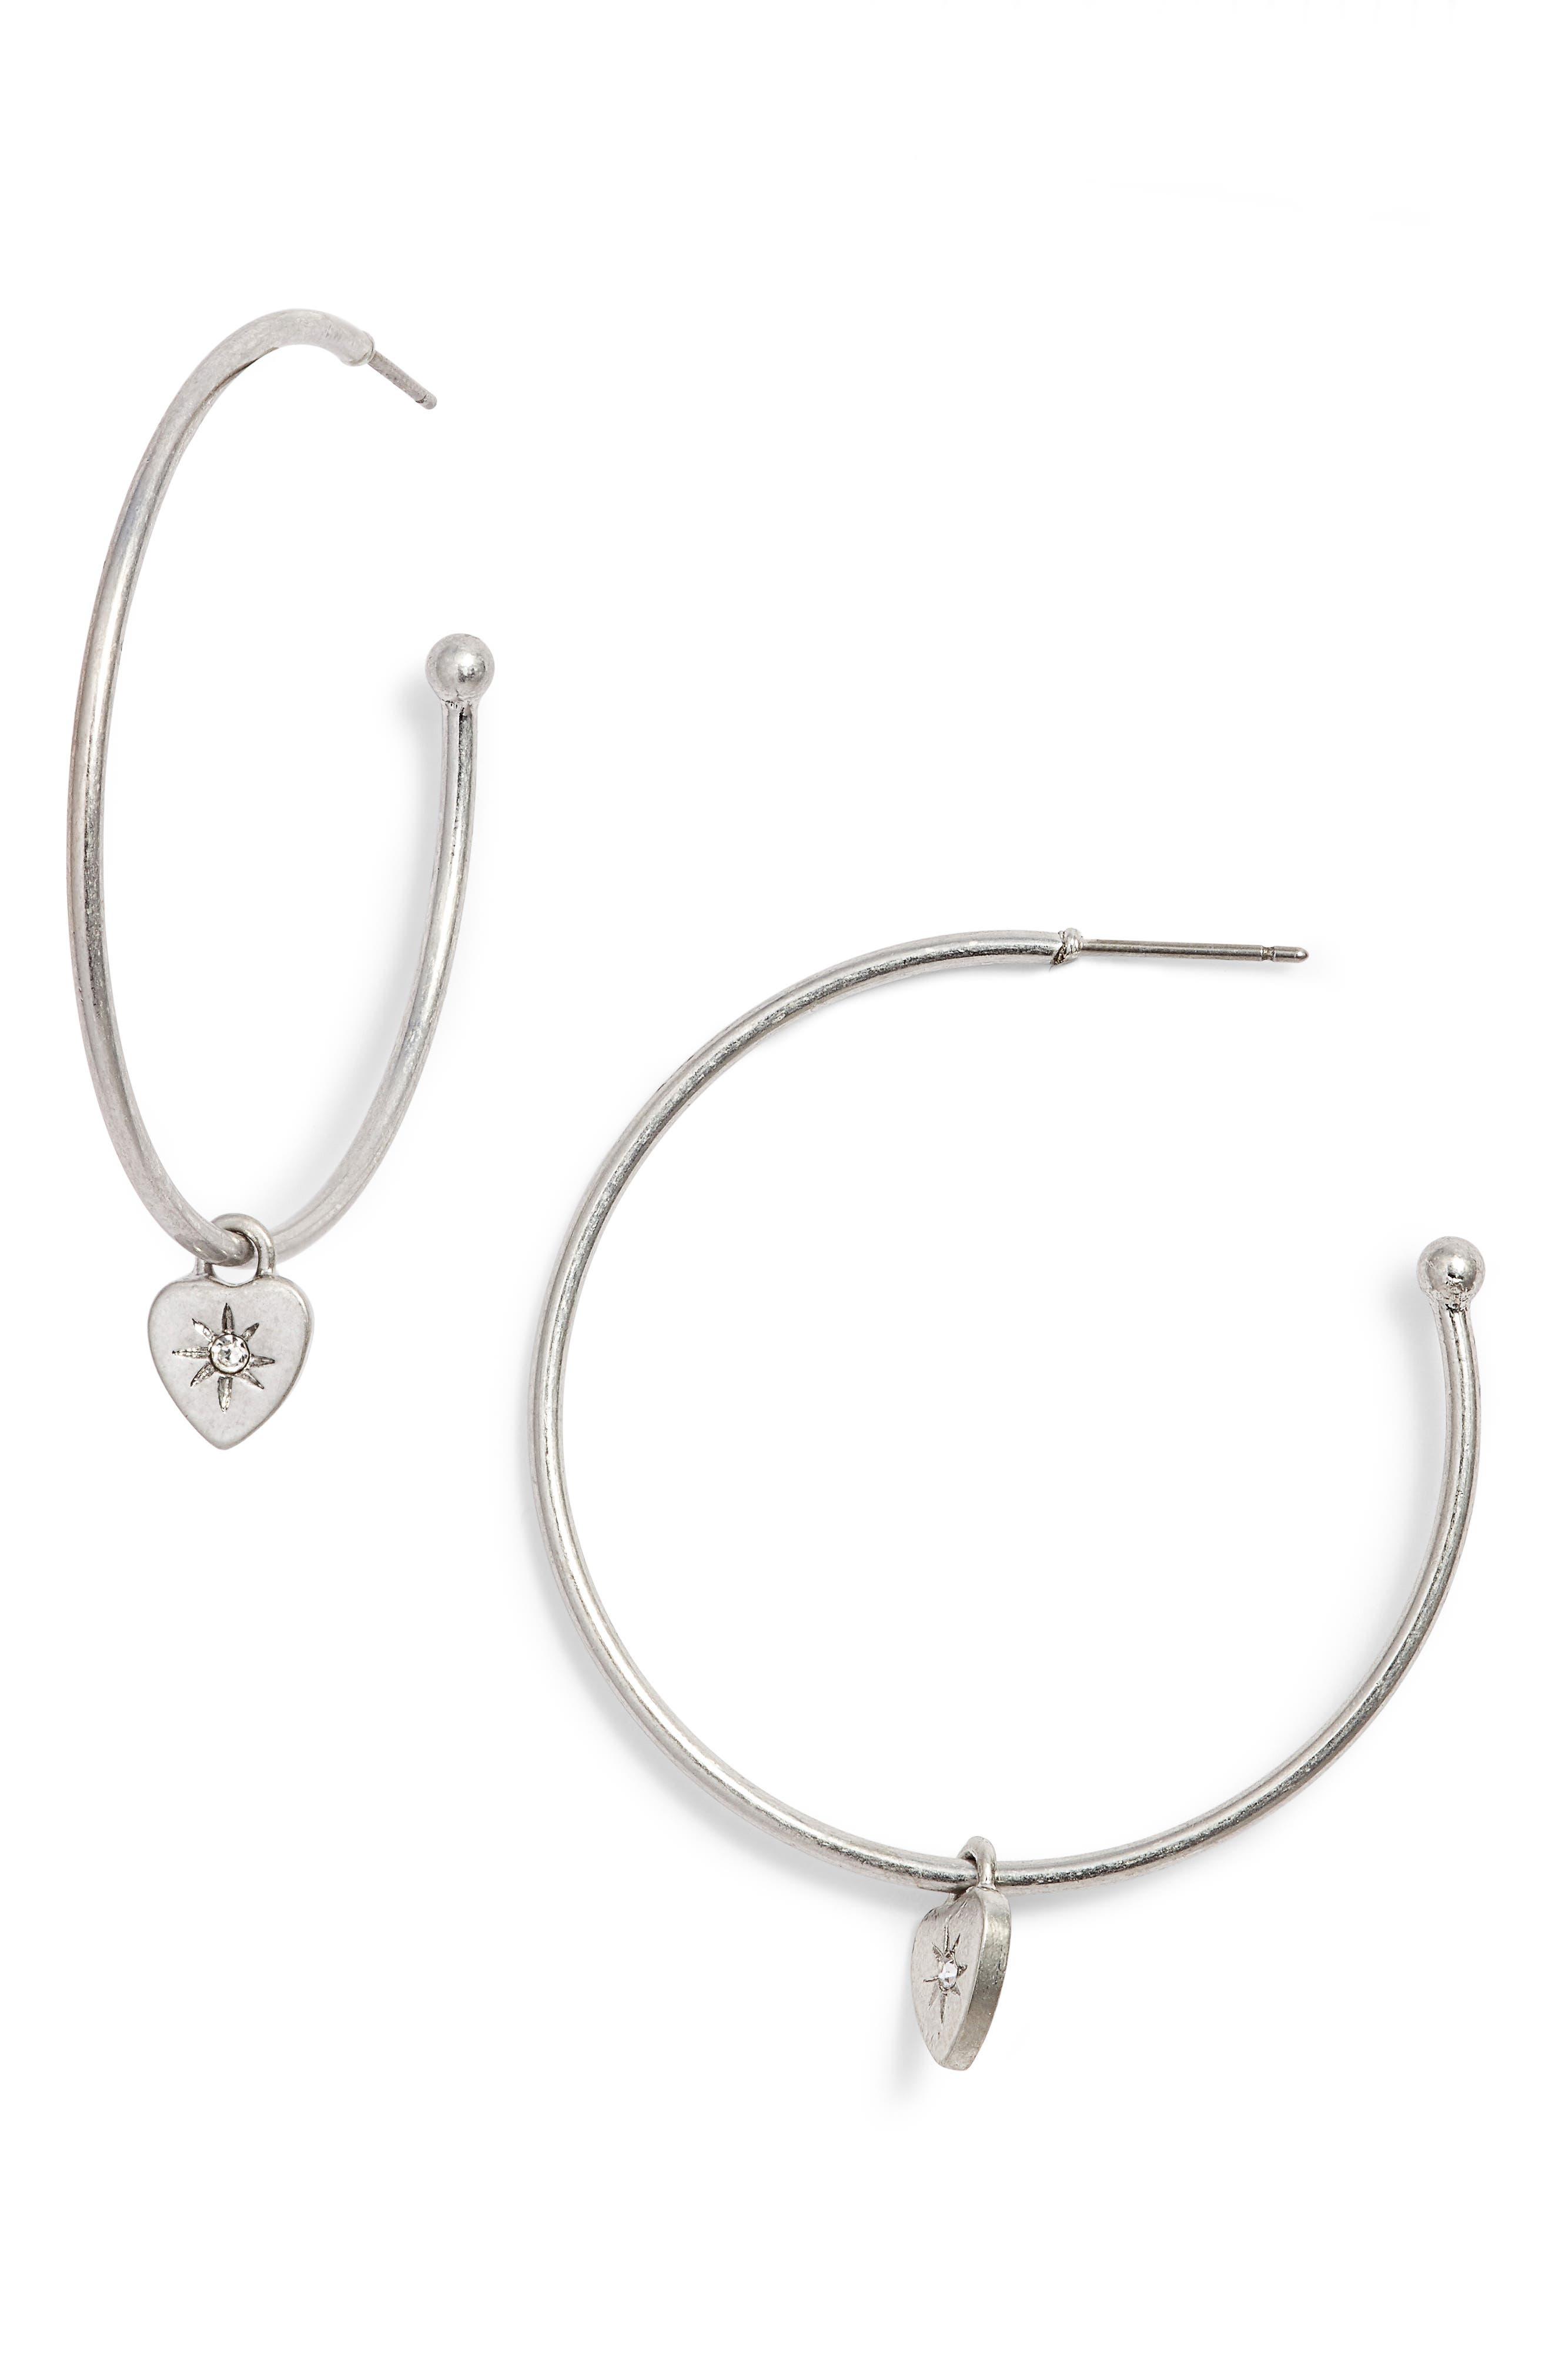 Heart Charm Hoop Earrings,                             Main thumbnail 1, color,                             040